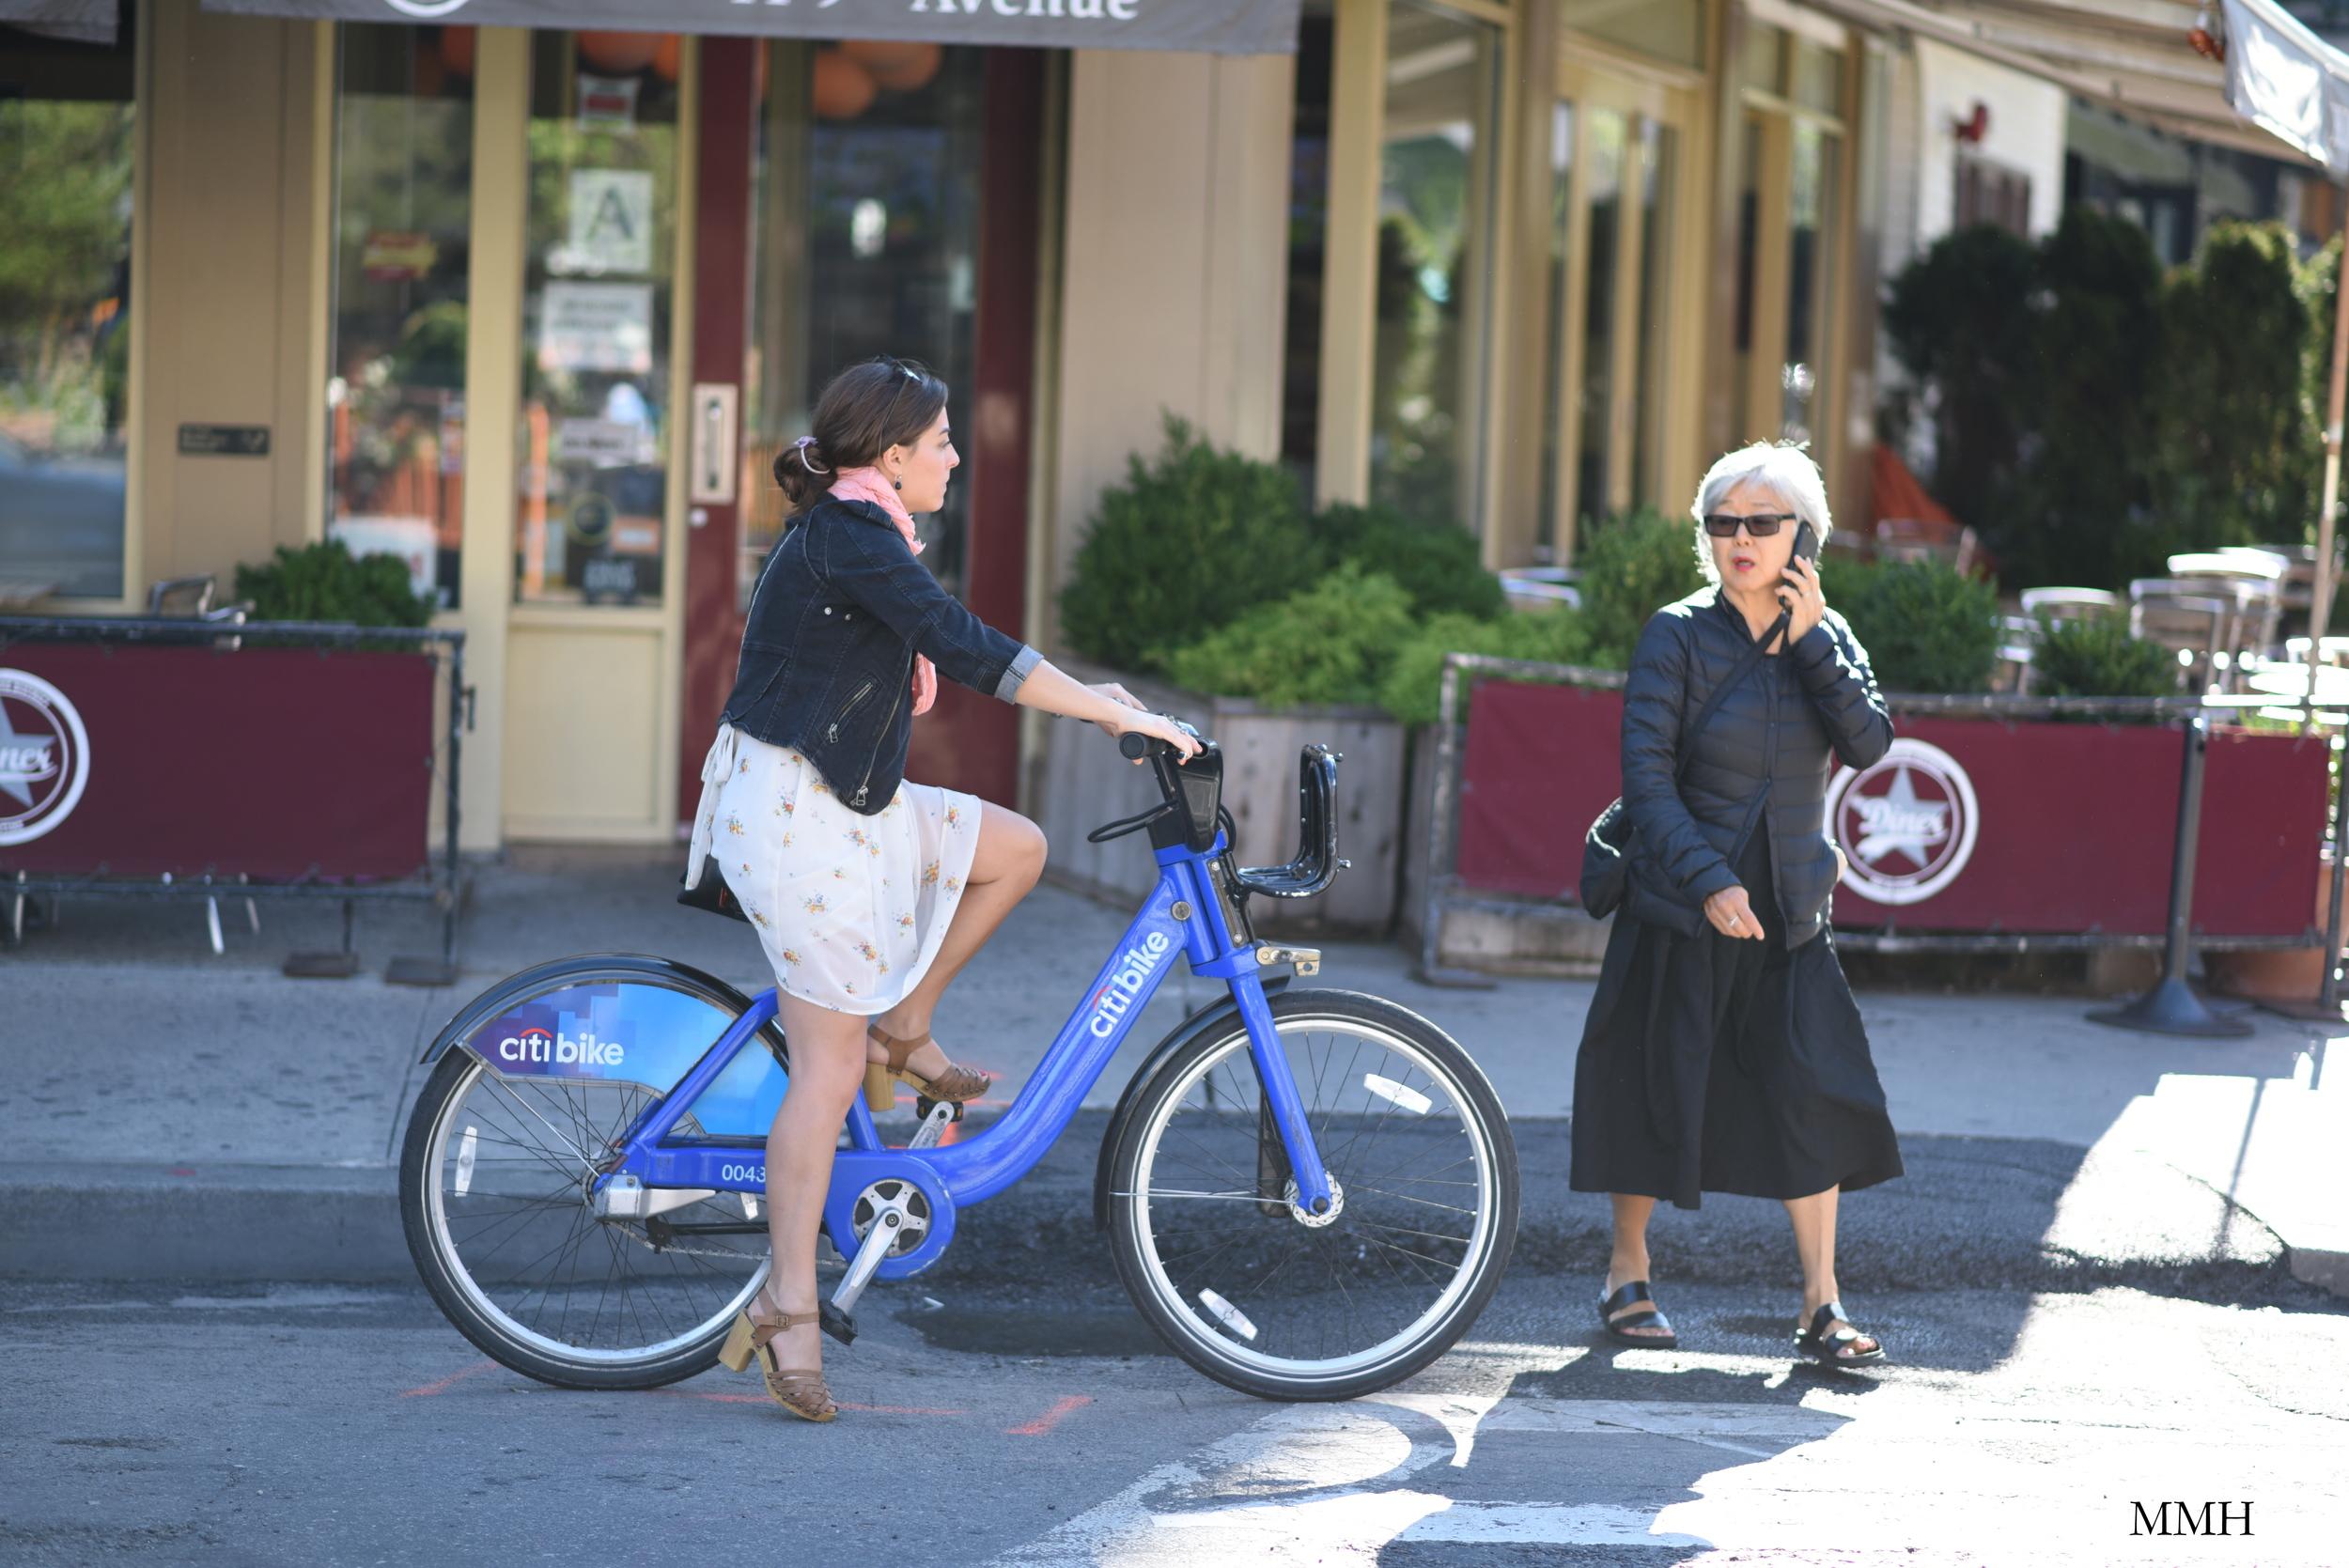 girl-on-bike-with-heels.jpg